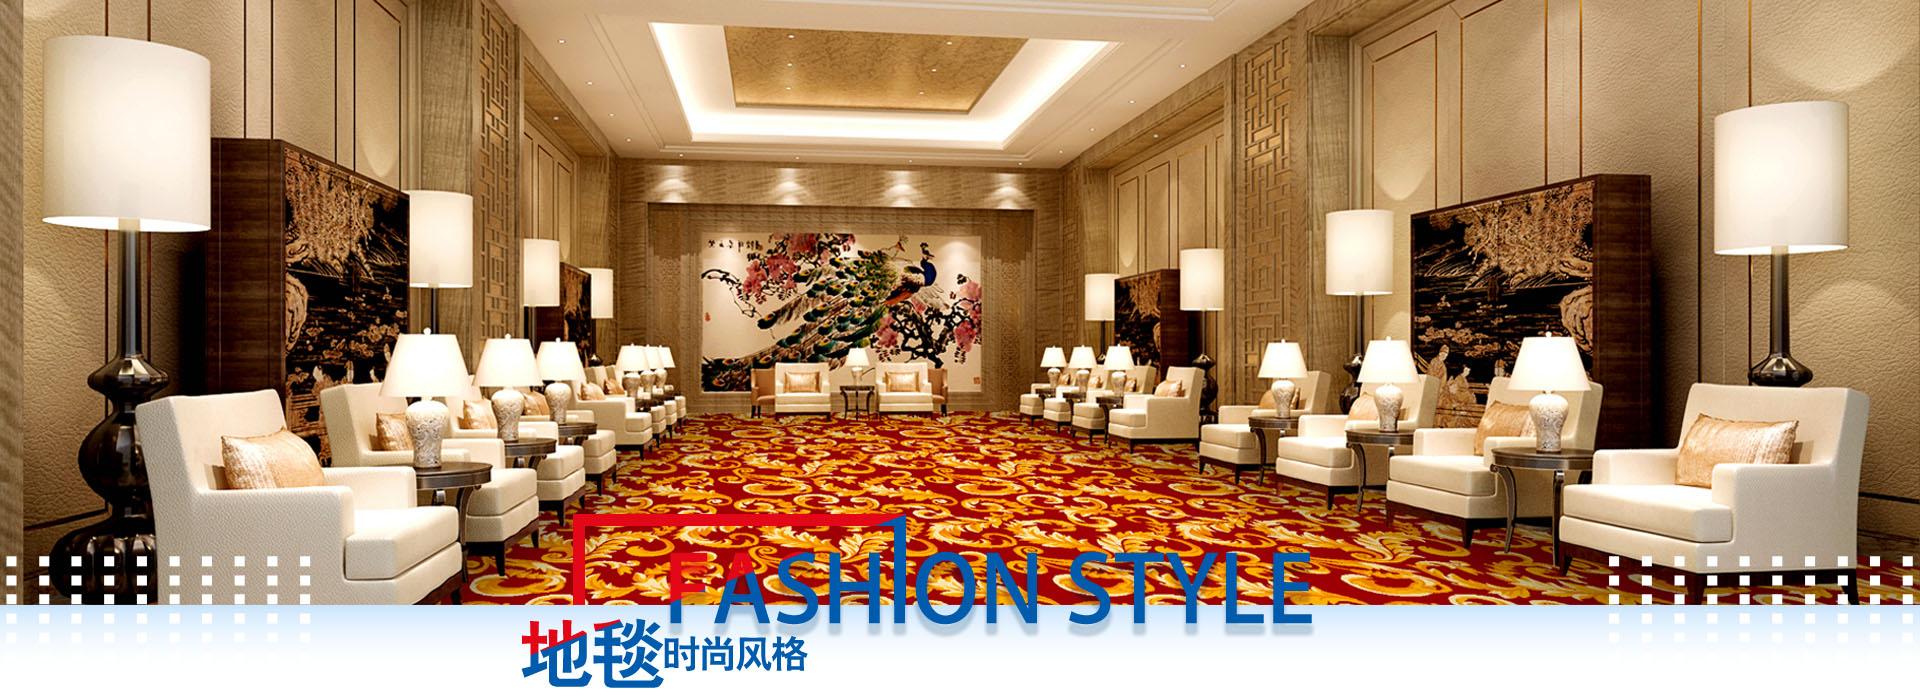 會客廳地毯